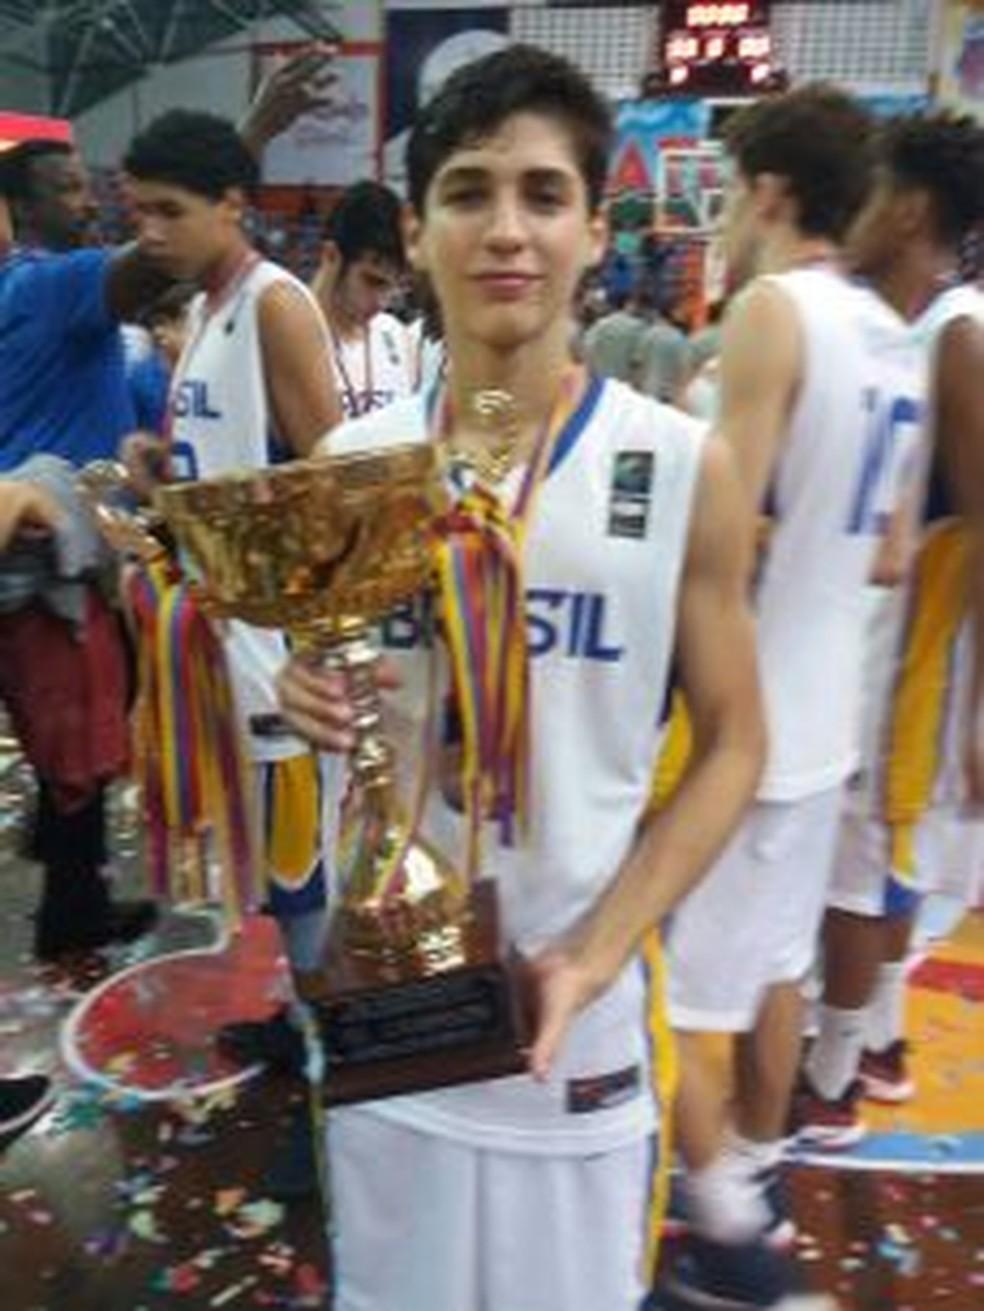 18a583fdf7 ... Matheus Leoni é campeão sul-americano de basquete com a seleção  brasileira — Foto